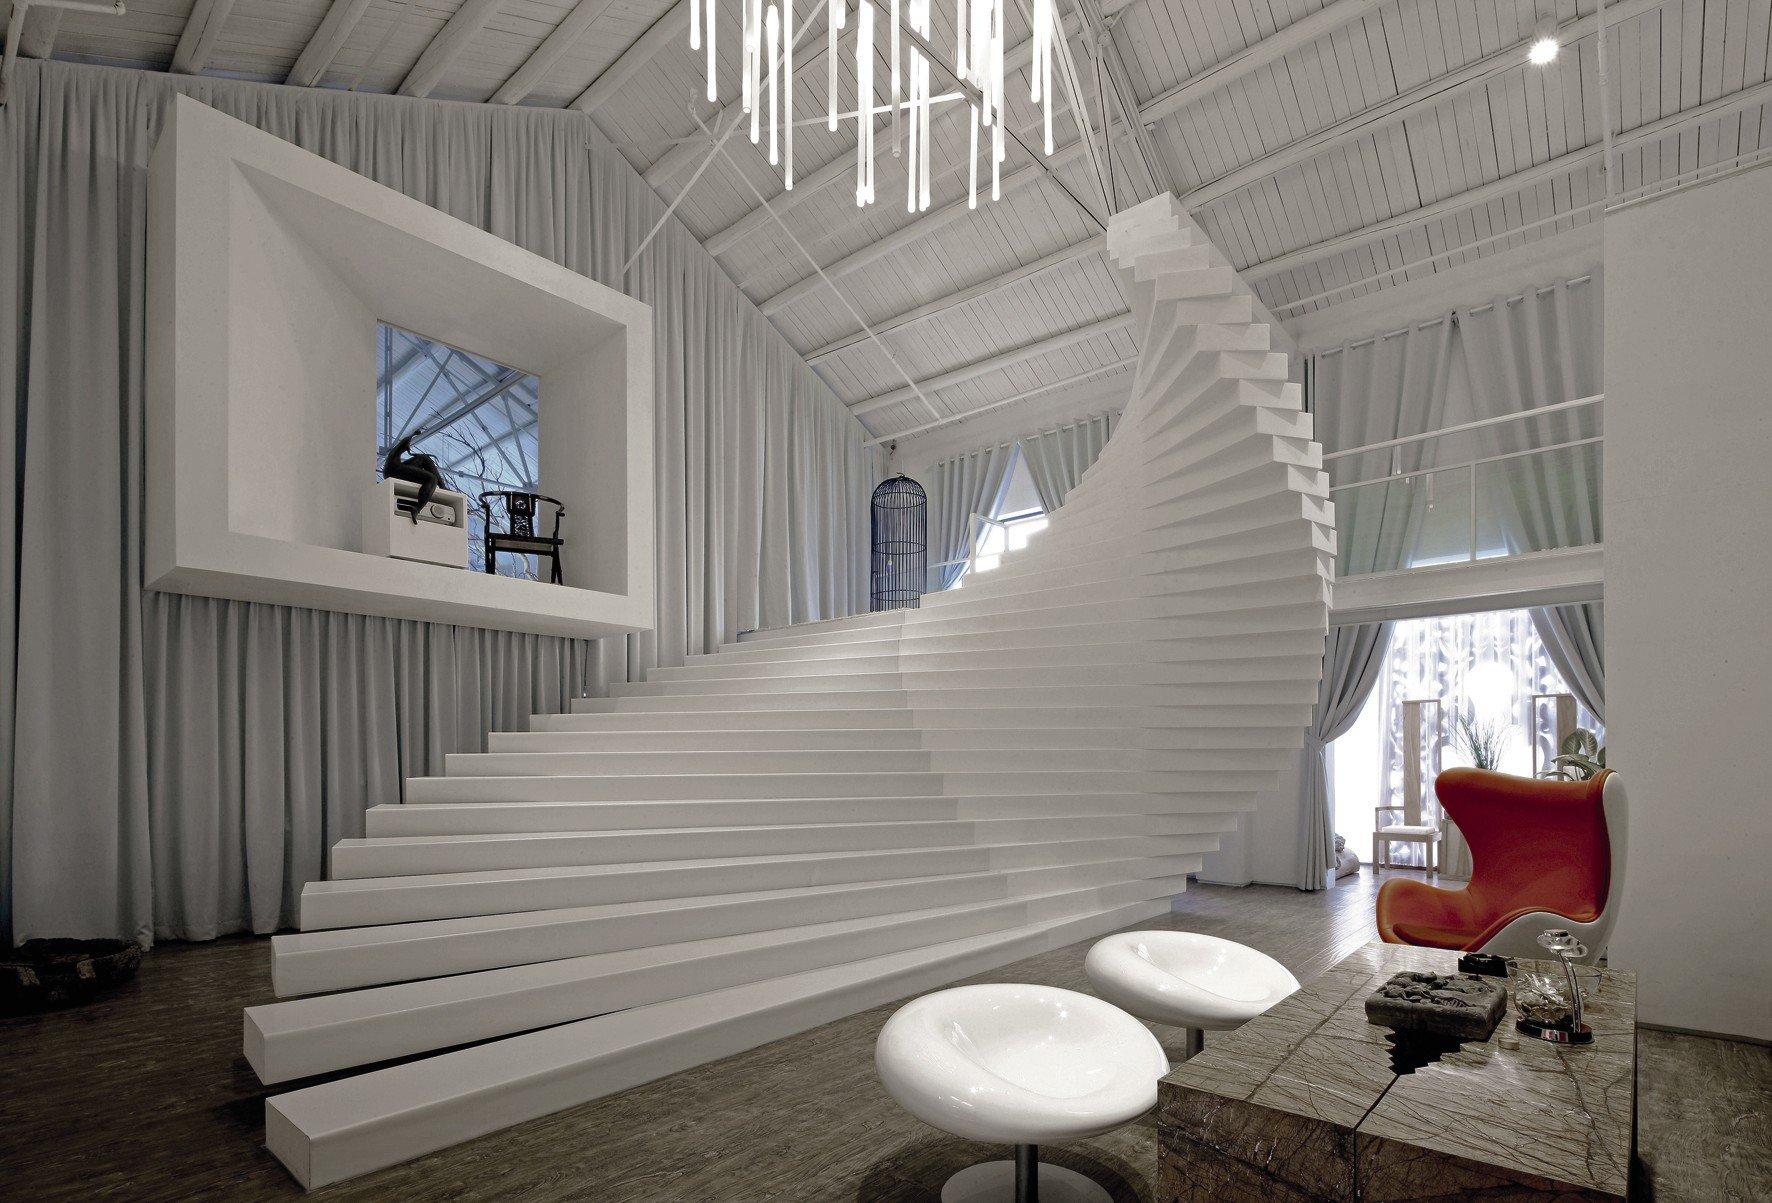 Interior Design Review: Volume 18: Amazon.de: Andrew Martin International:  Fremdsprachige Bcher